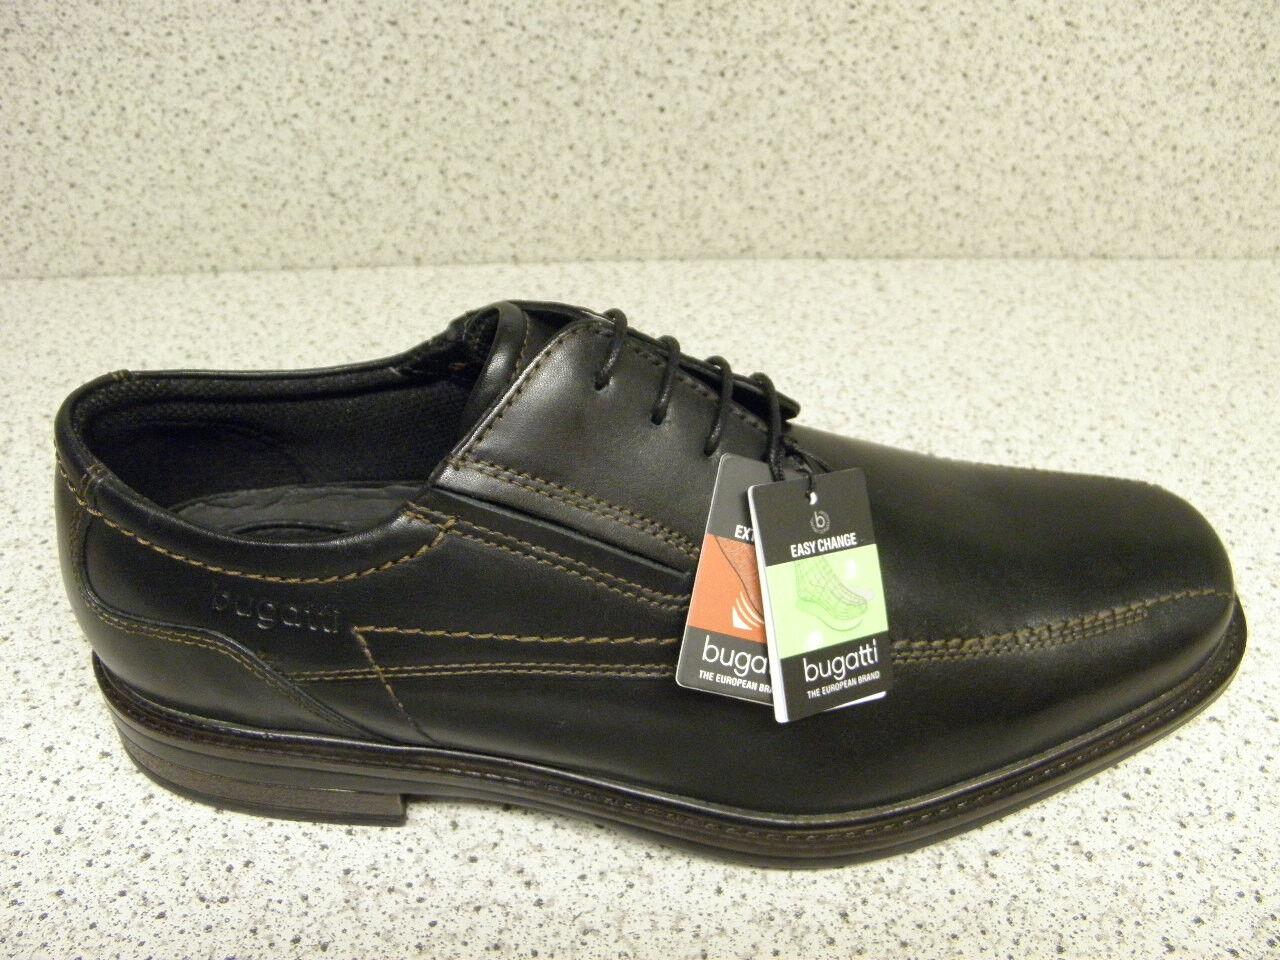 bugatti®  reduziert  bisher  89,95   Schuhe  + gratis Premium - Socken (B20)